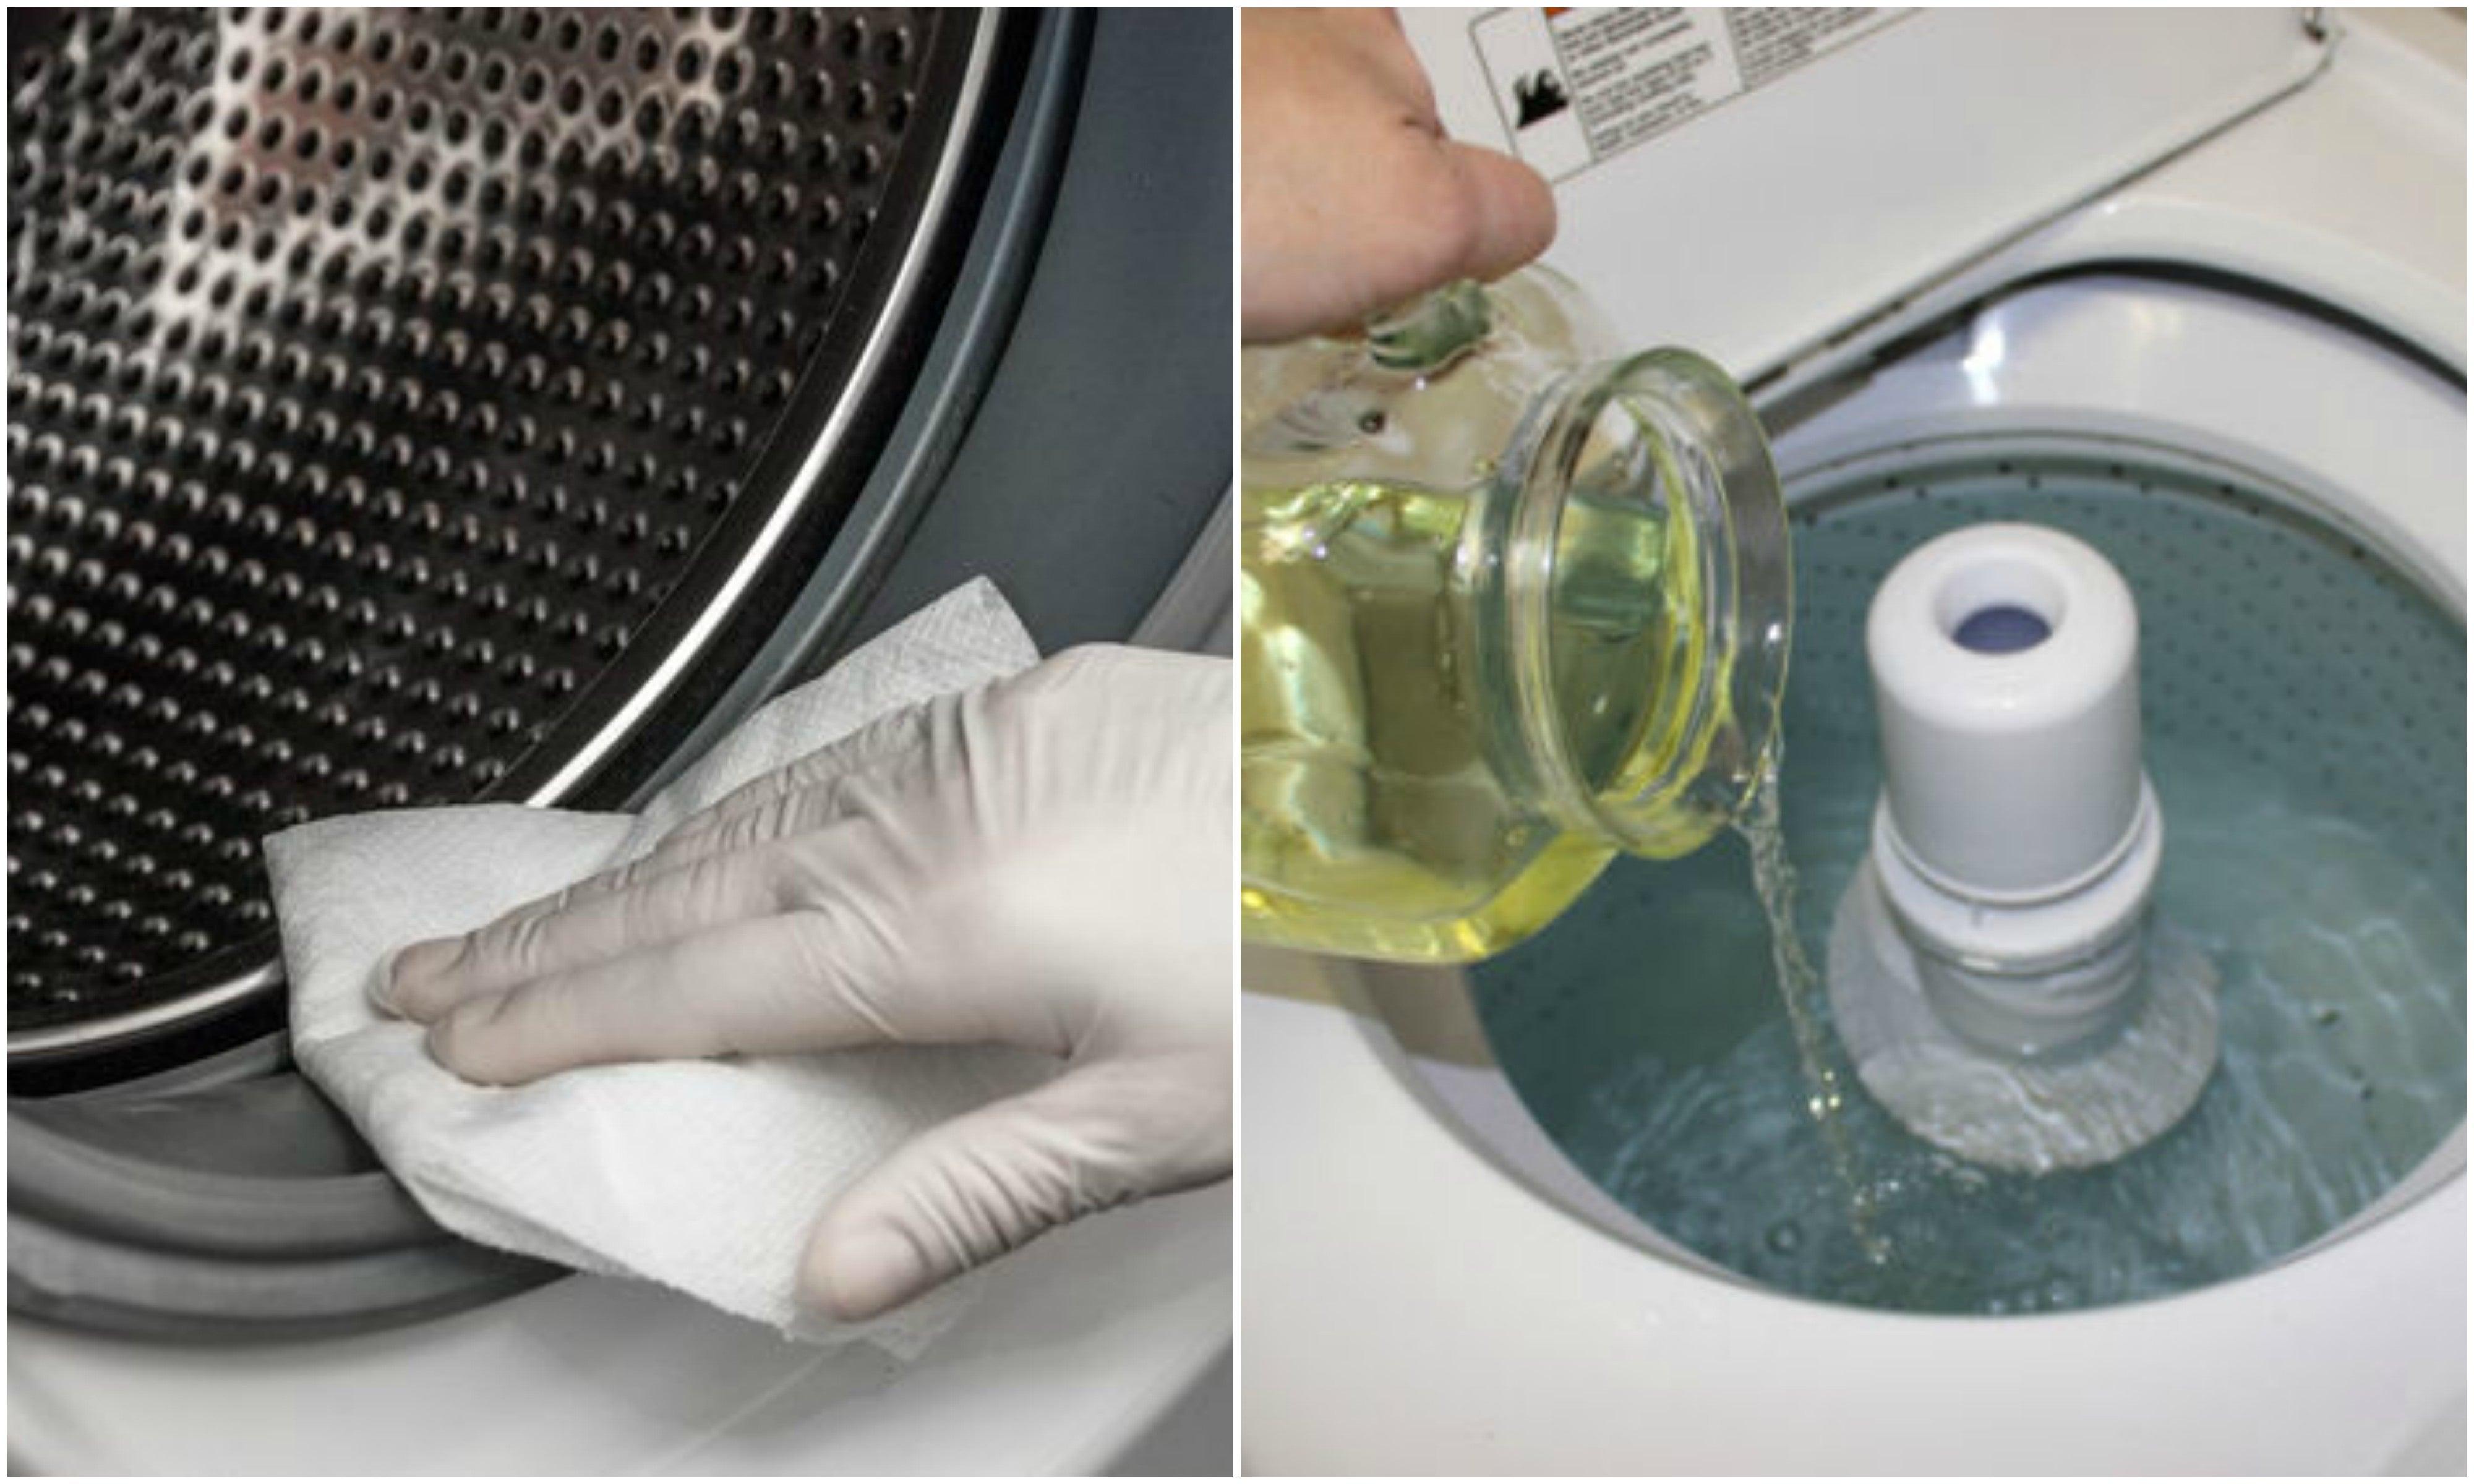 Elimina el moho de tu lavadora con estas 3 soluciones ecológicas